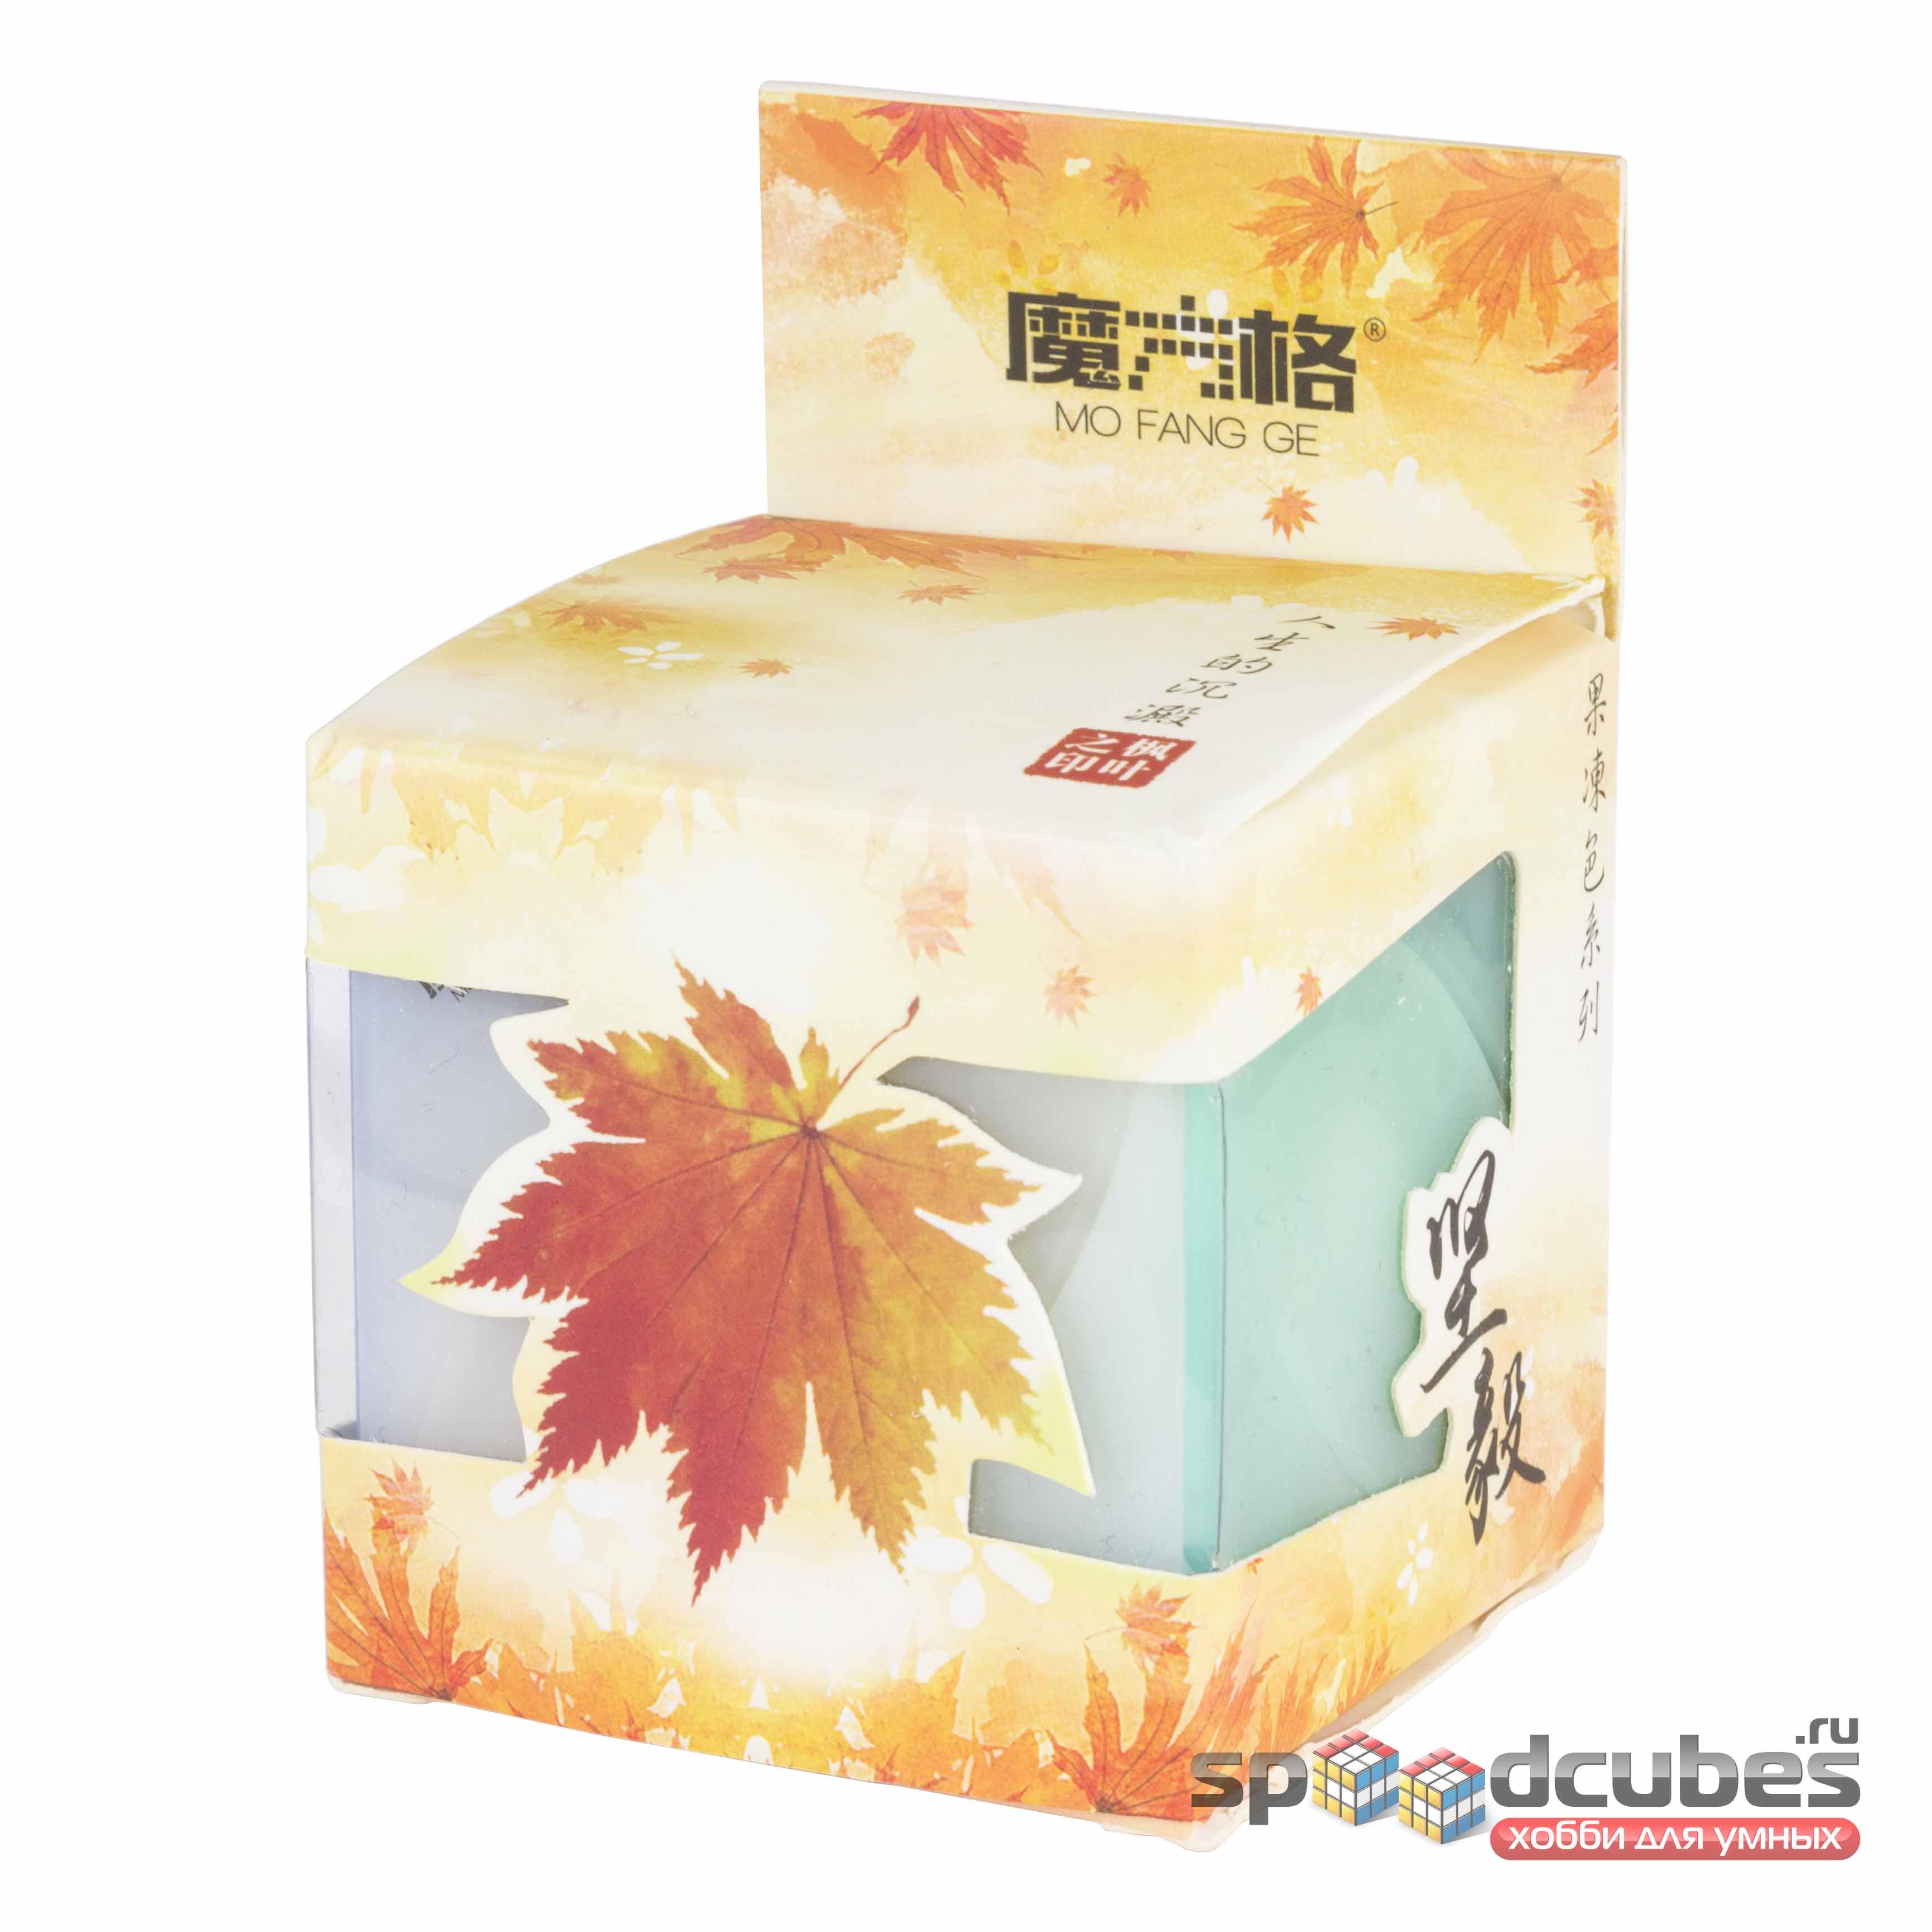 QiYi (MoFangGe) Jelly Ivy Cube 1